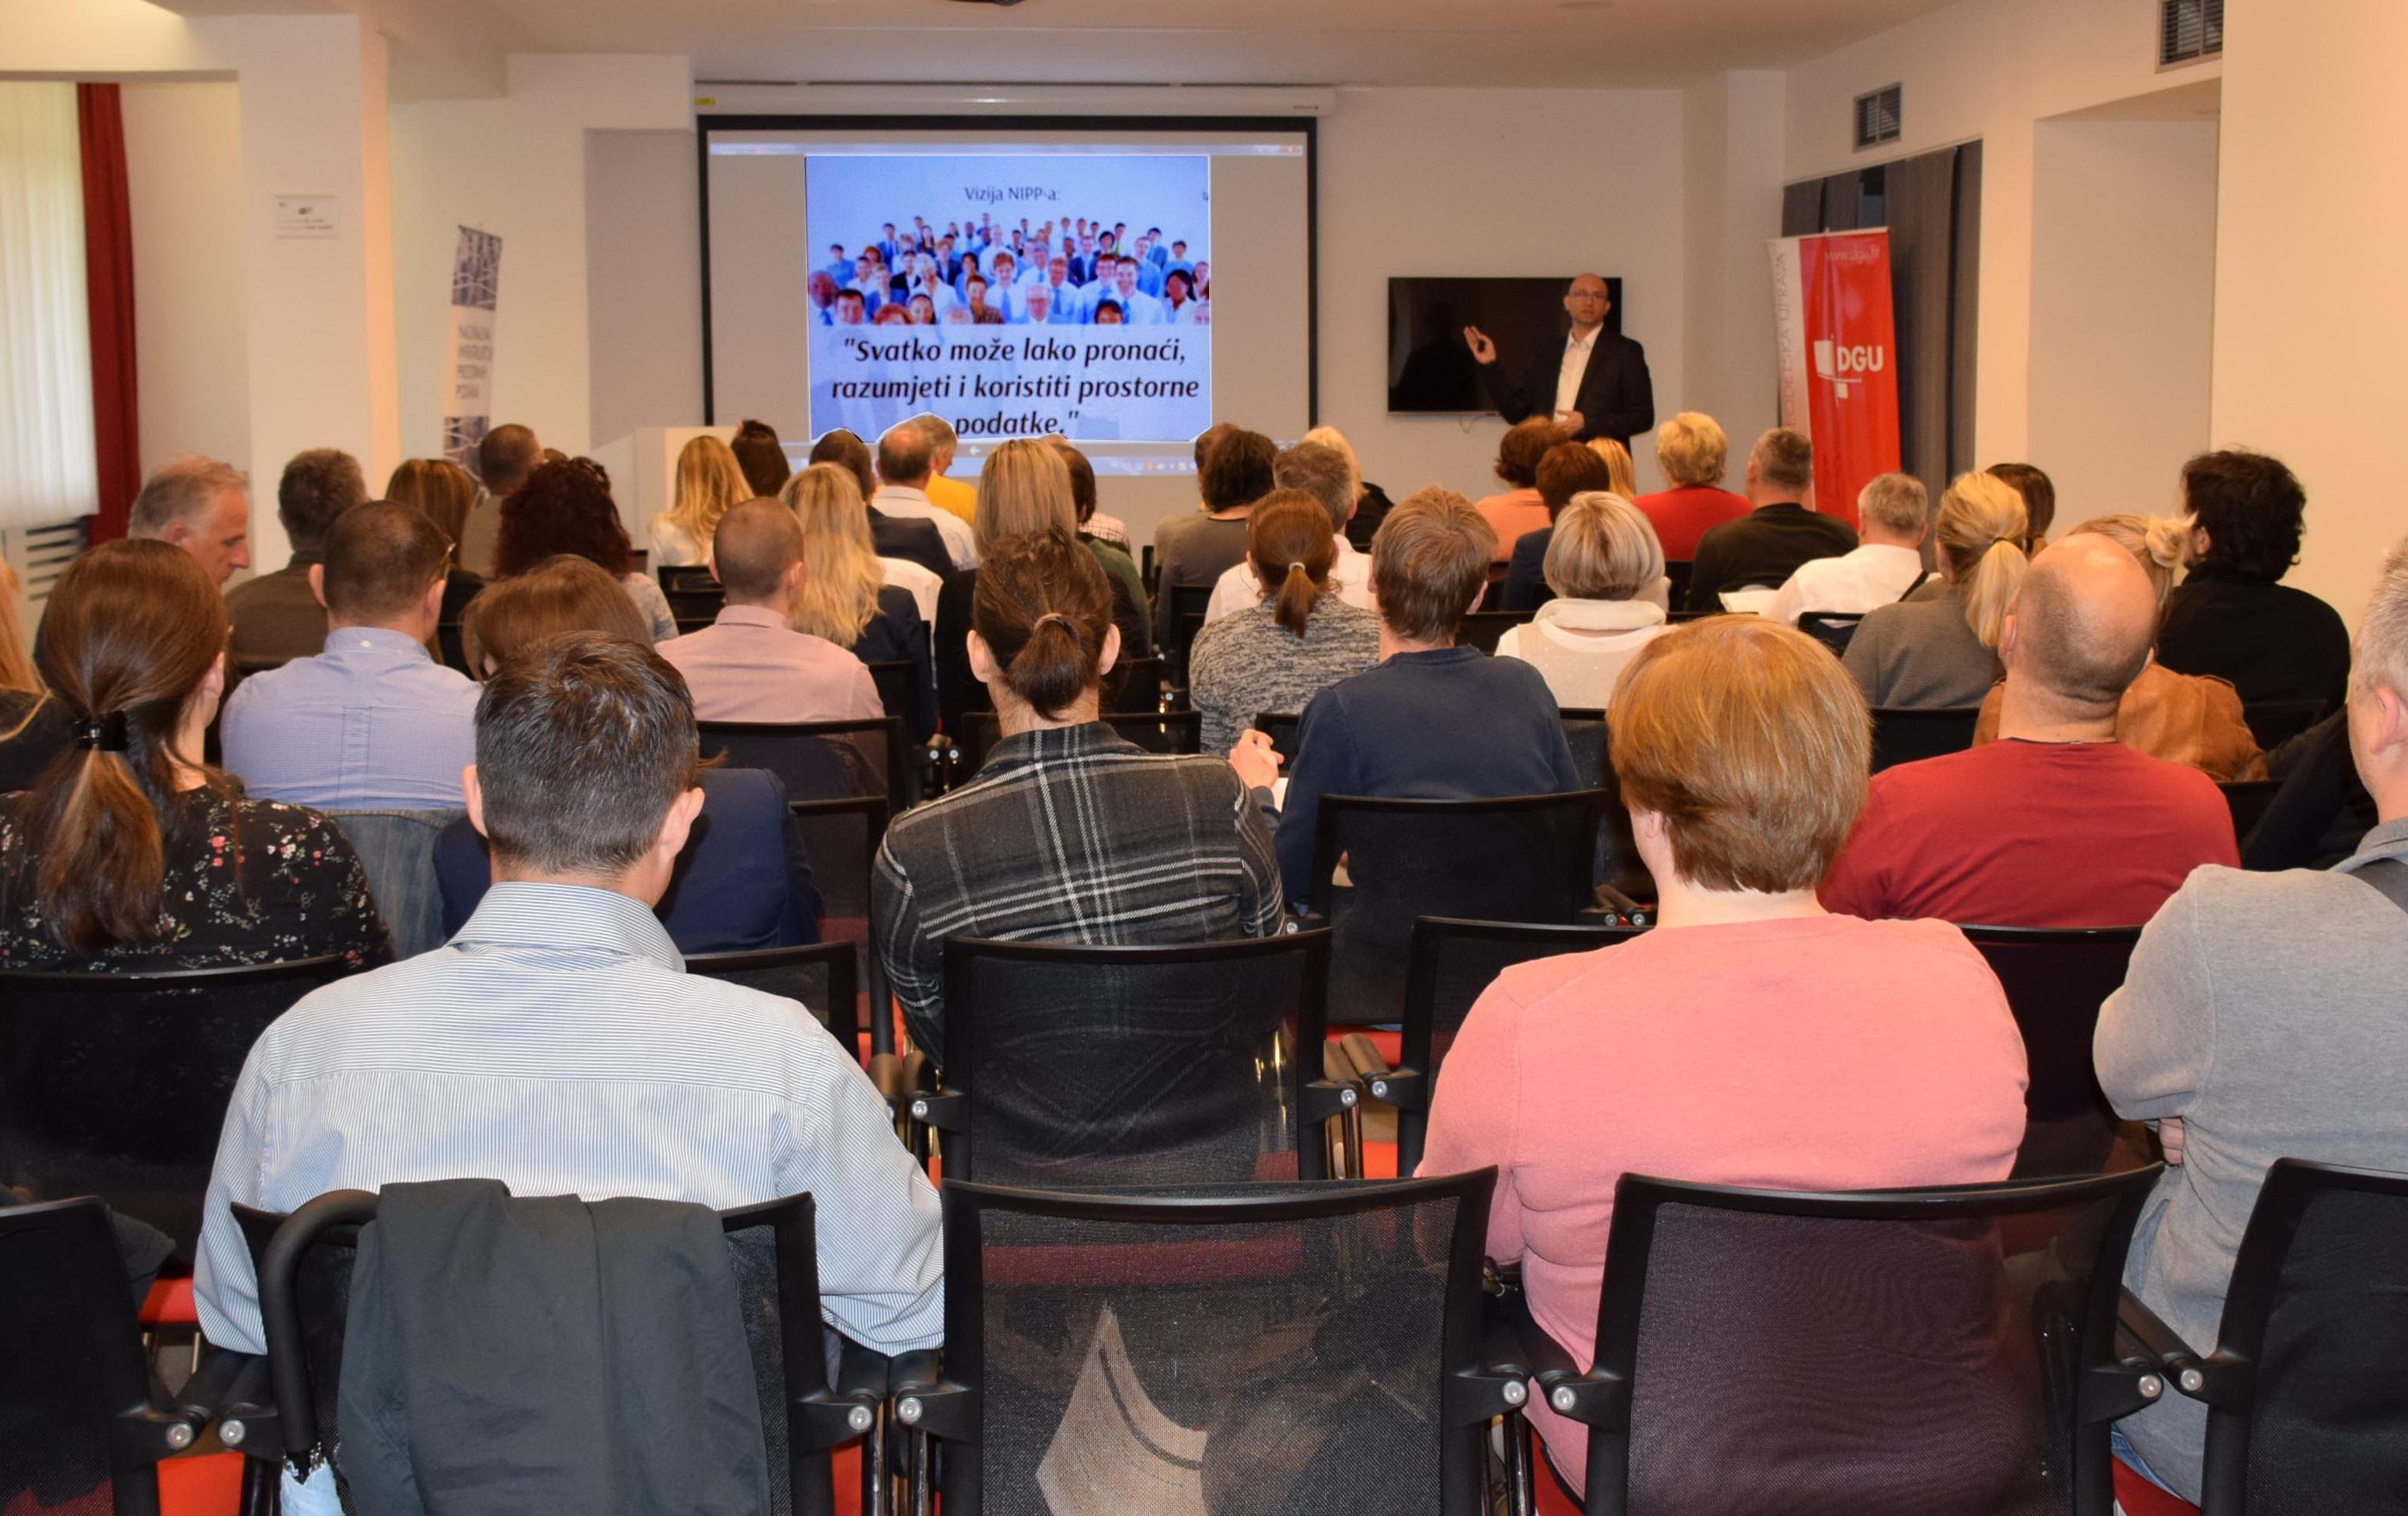 Slika prikazuje sudionike 11. NIPP radionice tijekom predstavljanja Strategije NIPP-a 2020. Radionici je prisustvovalo 47 sudionika.